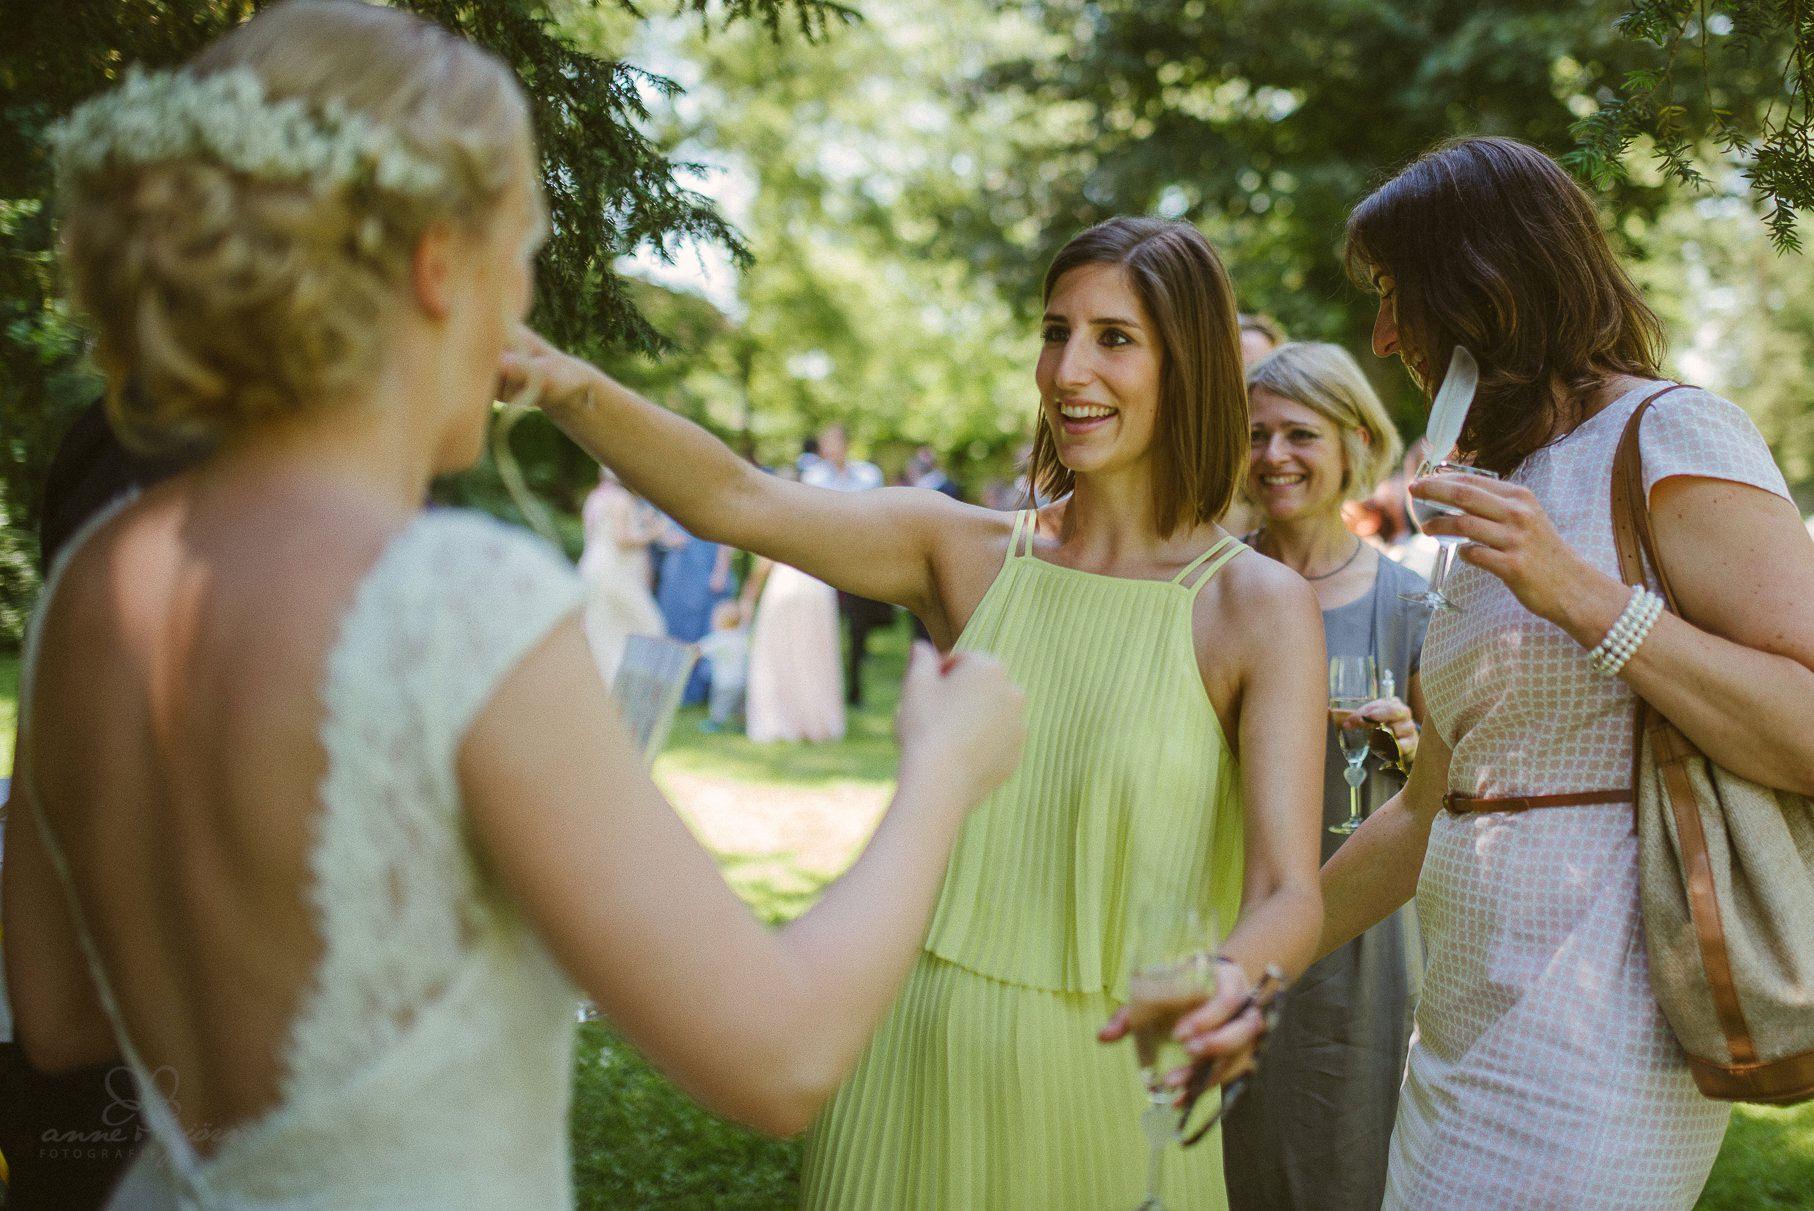 0065 anne und bjoern hochzeit schweiz d75 0371 - DIY Hochzeit in der Schweiz - Sabrina & Christoph